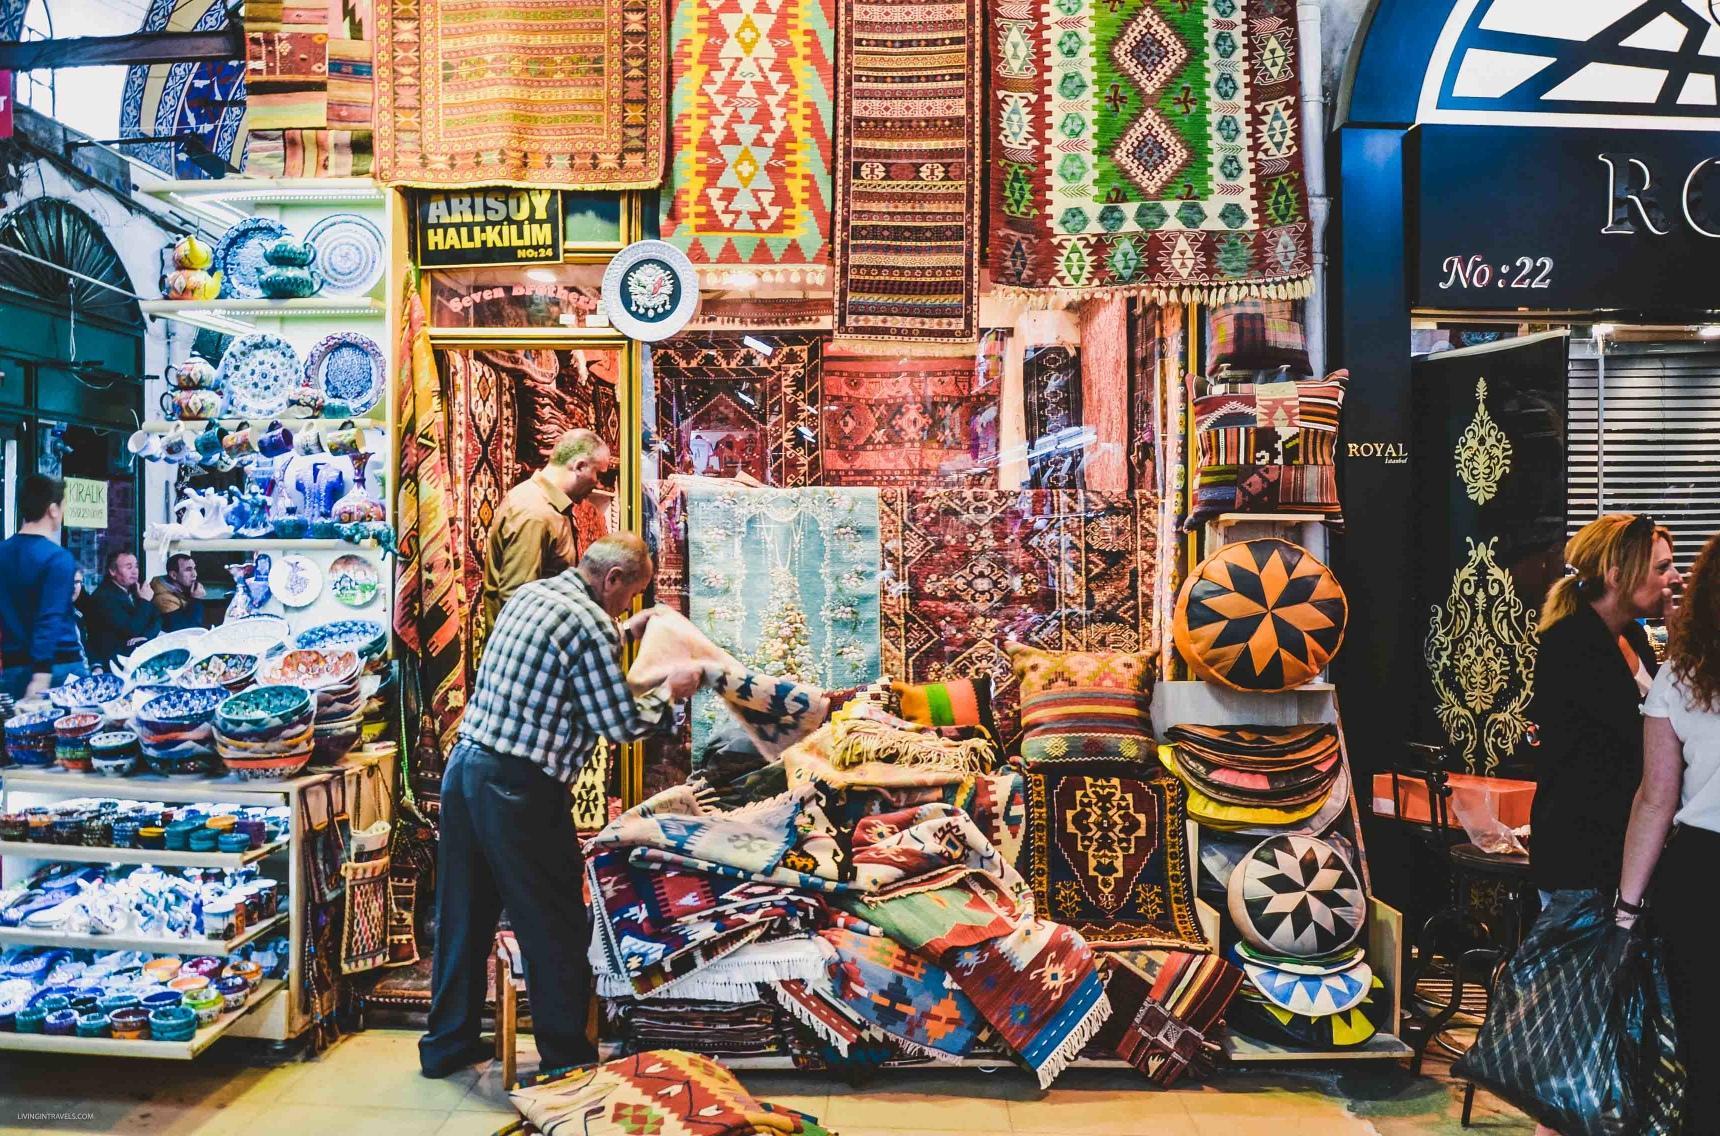 Гранд базар в Стамбуле - это гораздо больше, чем обычный рынок